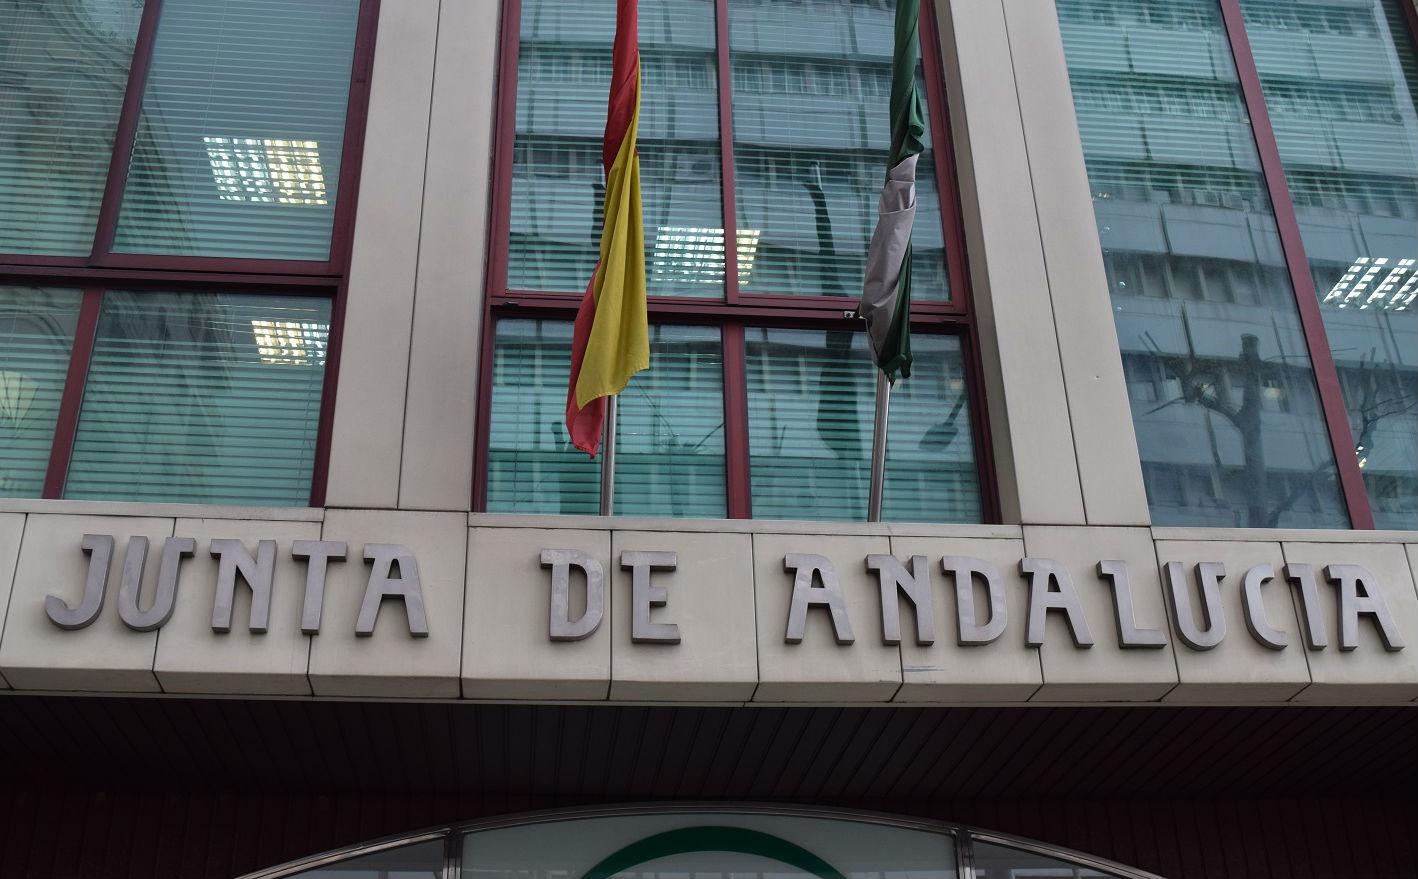 Sede de varias delegaciones de la Junta de Andalucía en Jaén